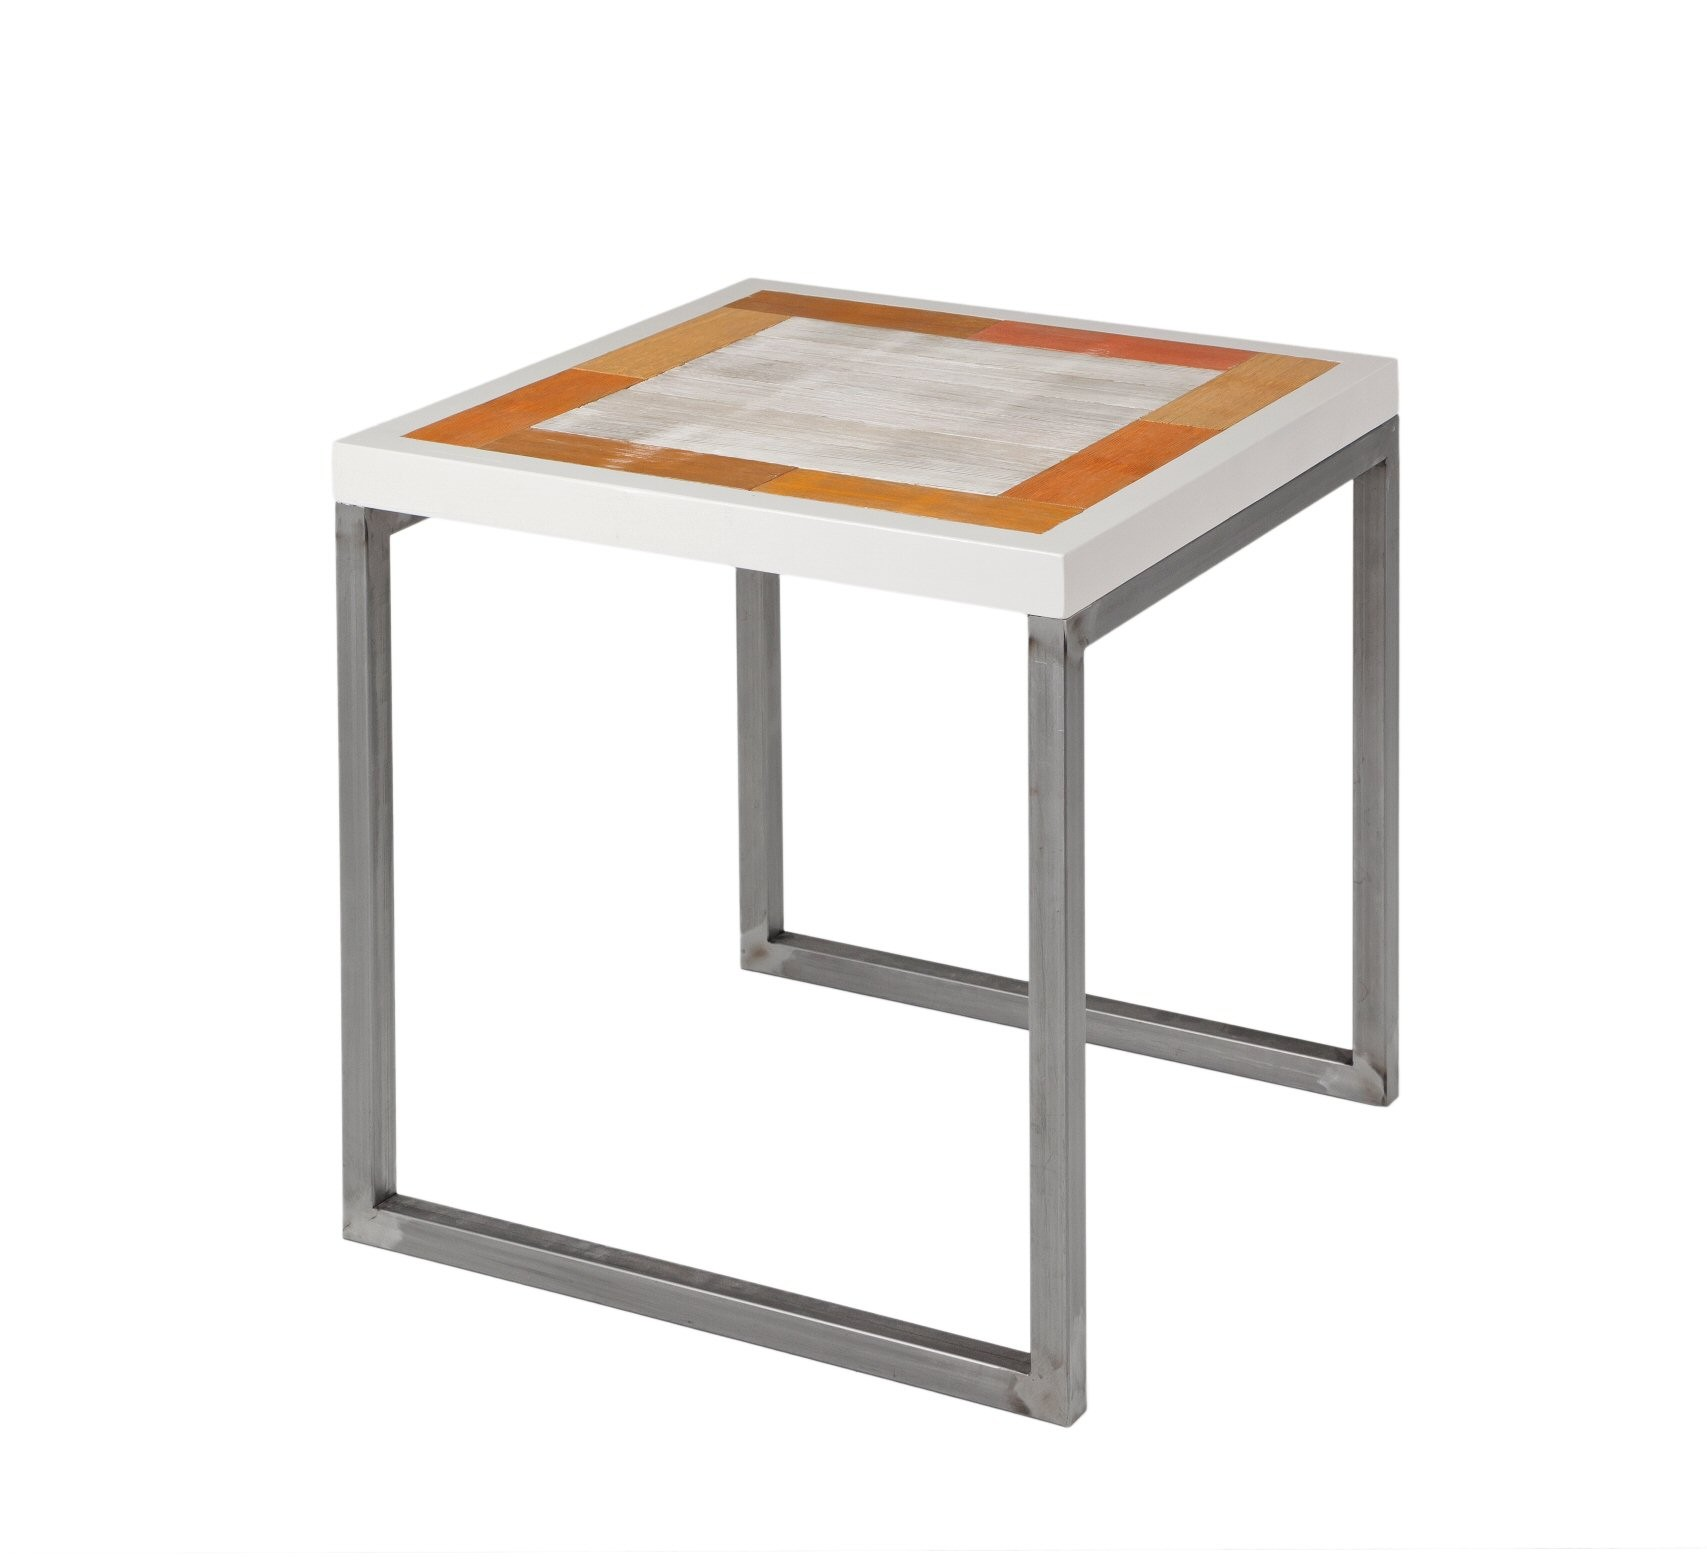 Mesa auxiliar de 60 x 60 x 60 cmmuebles de la granja for Mesa 60 x 60 extensible